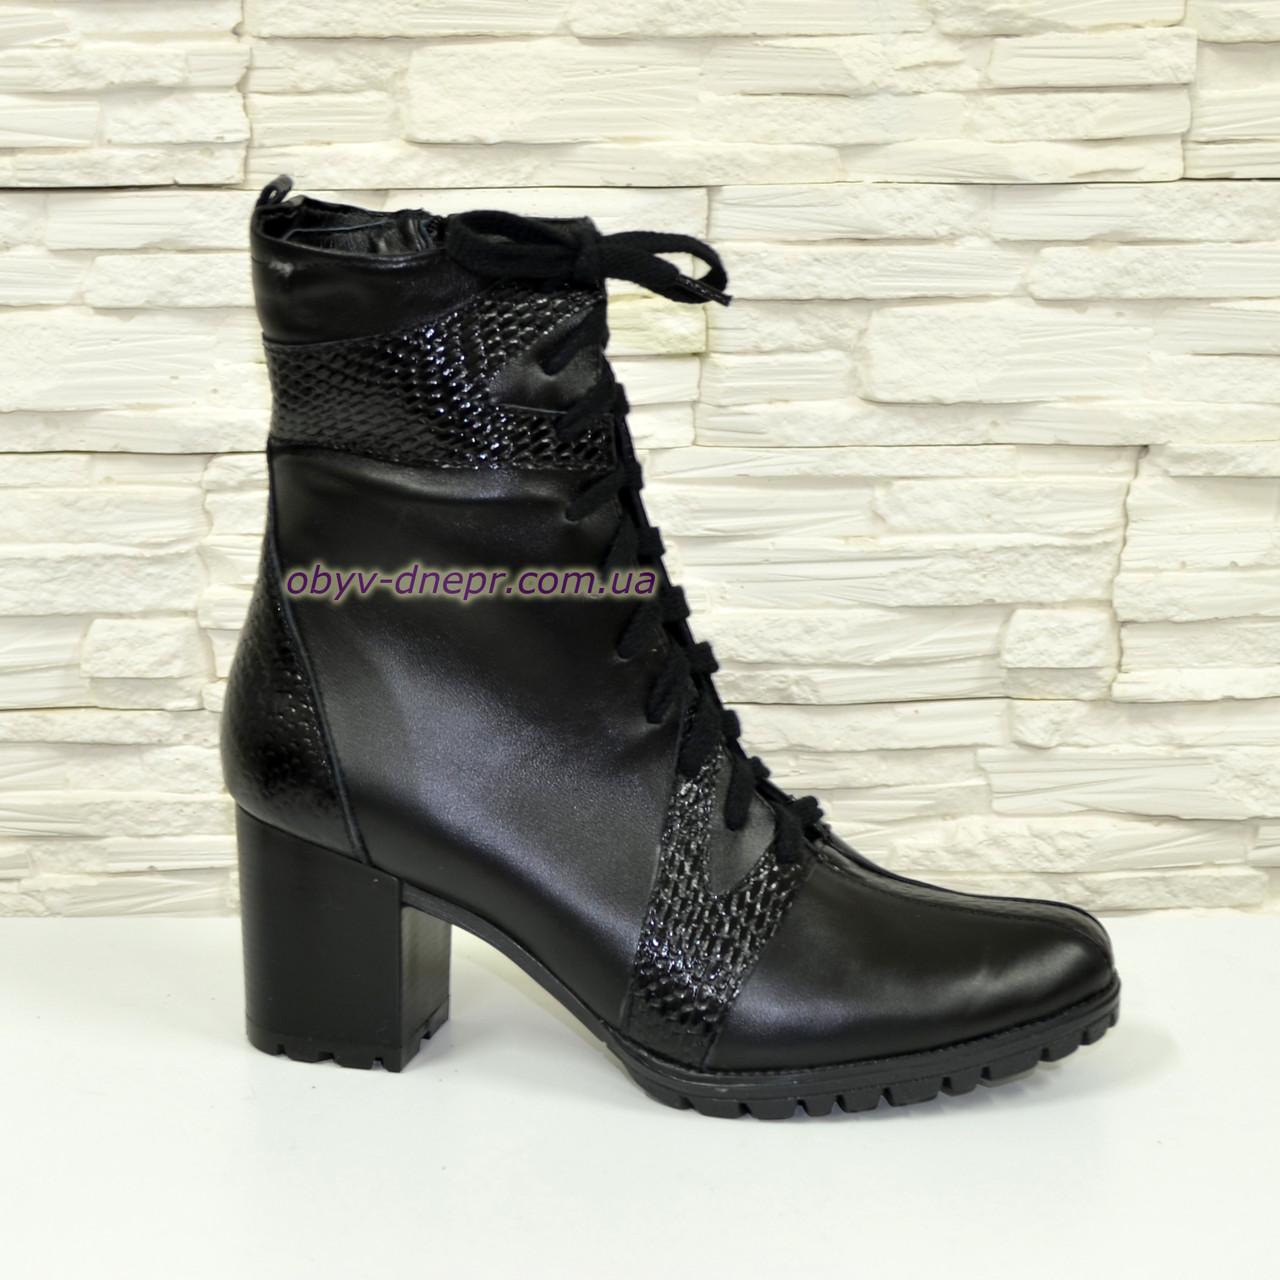 """Ботинки женские зимние на устойчивом каблуке, натуральная кожа и кожа """"питон""""."""